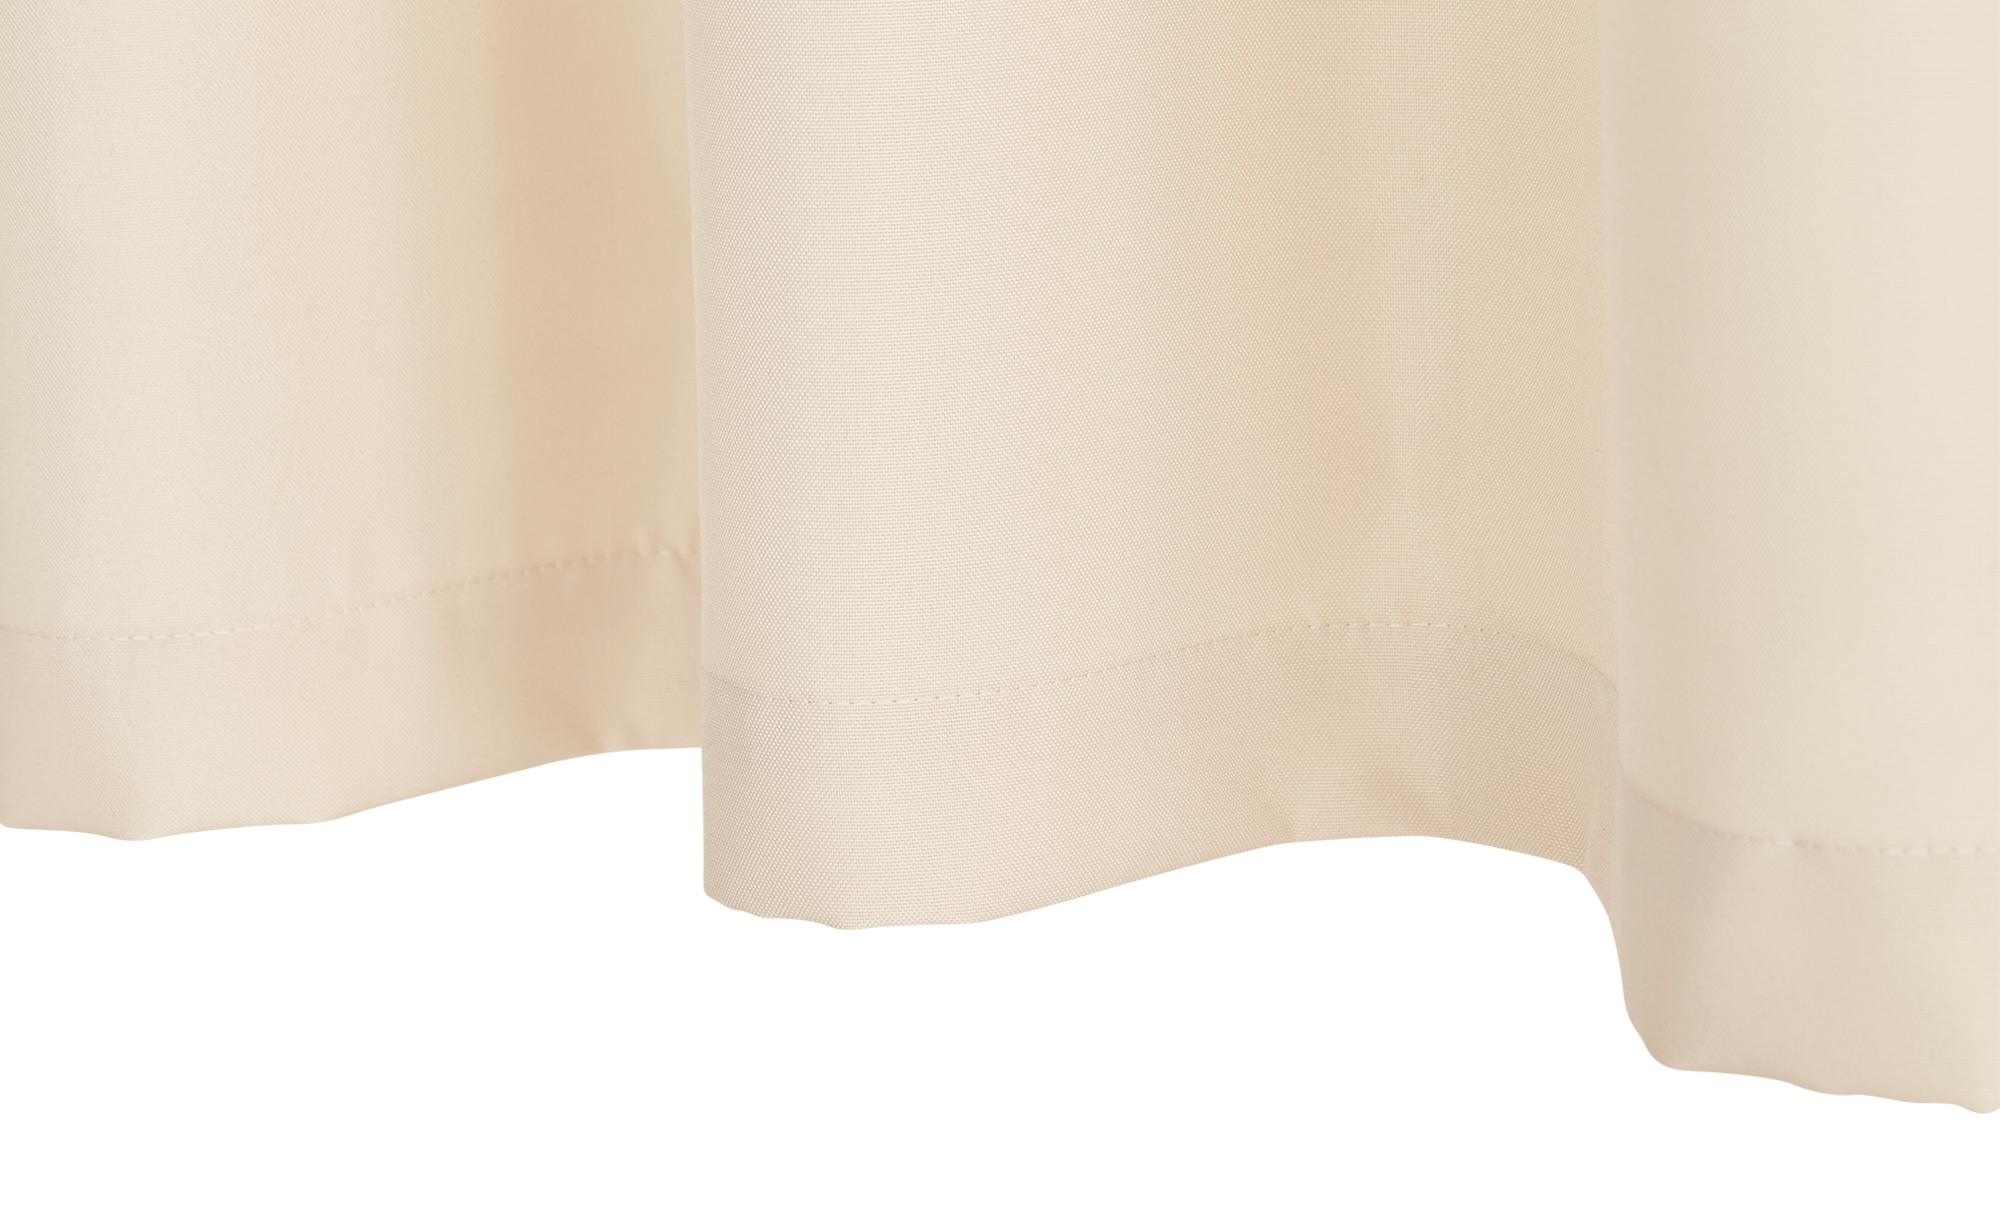 Ösenschal  Valletta ¦ beige ¦ 100% Polyester ¦ Maße (cm): B: 145 H: 245 Gardinen & Vorhänge > Gardinen & Fertigstore > Ösenschals - Höffner